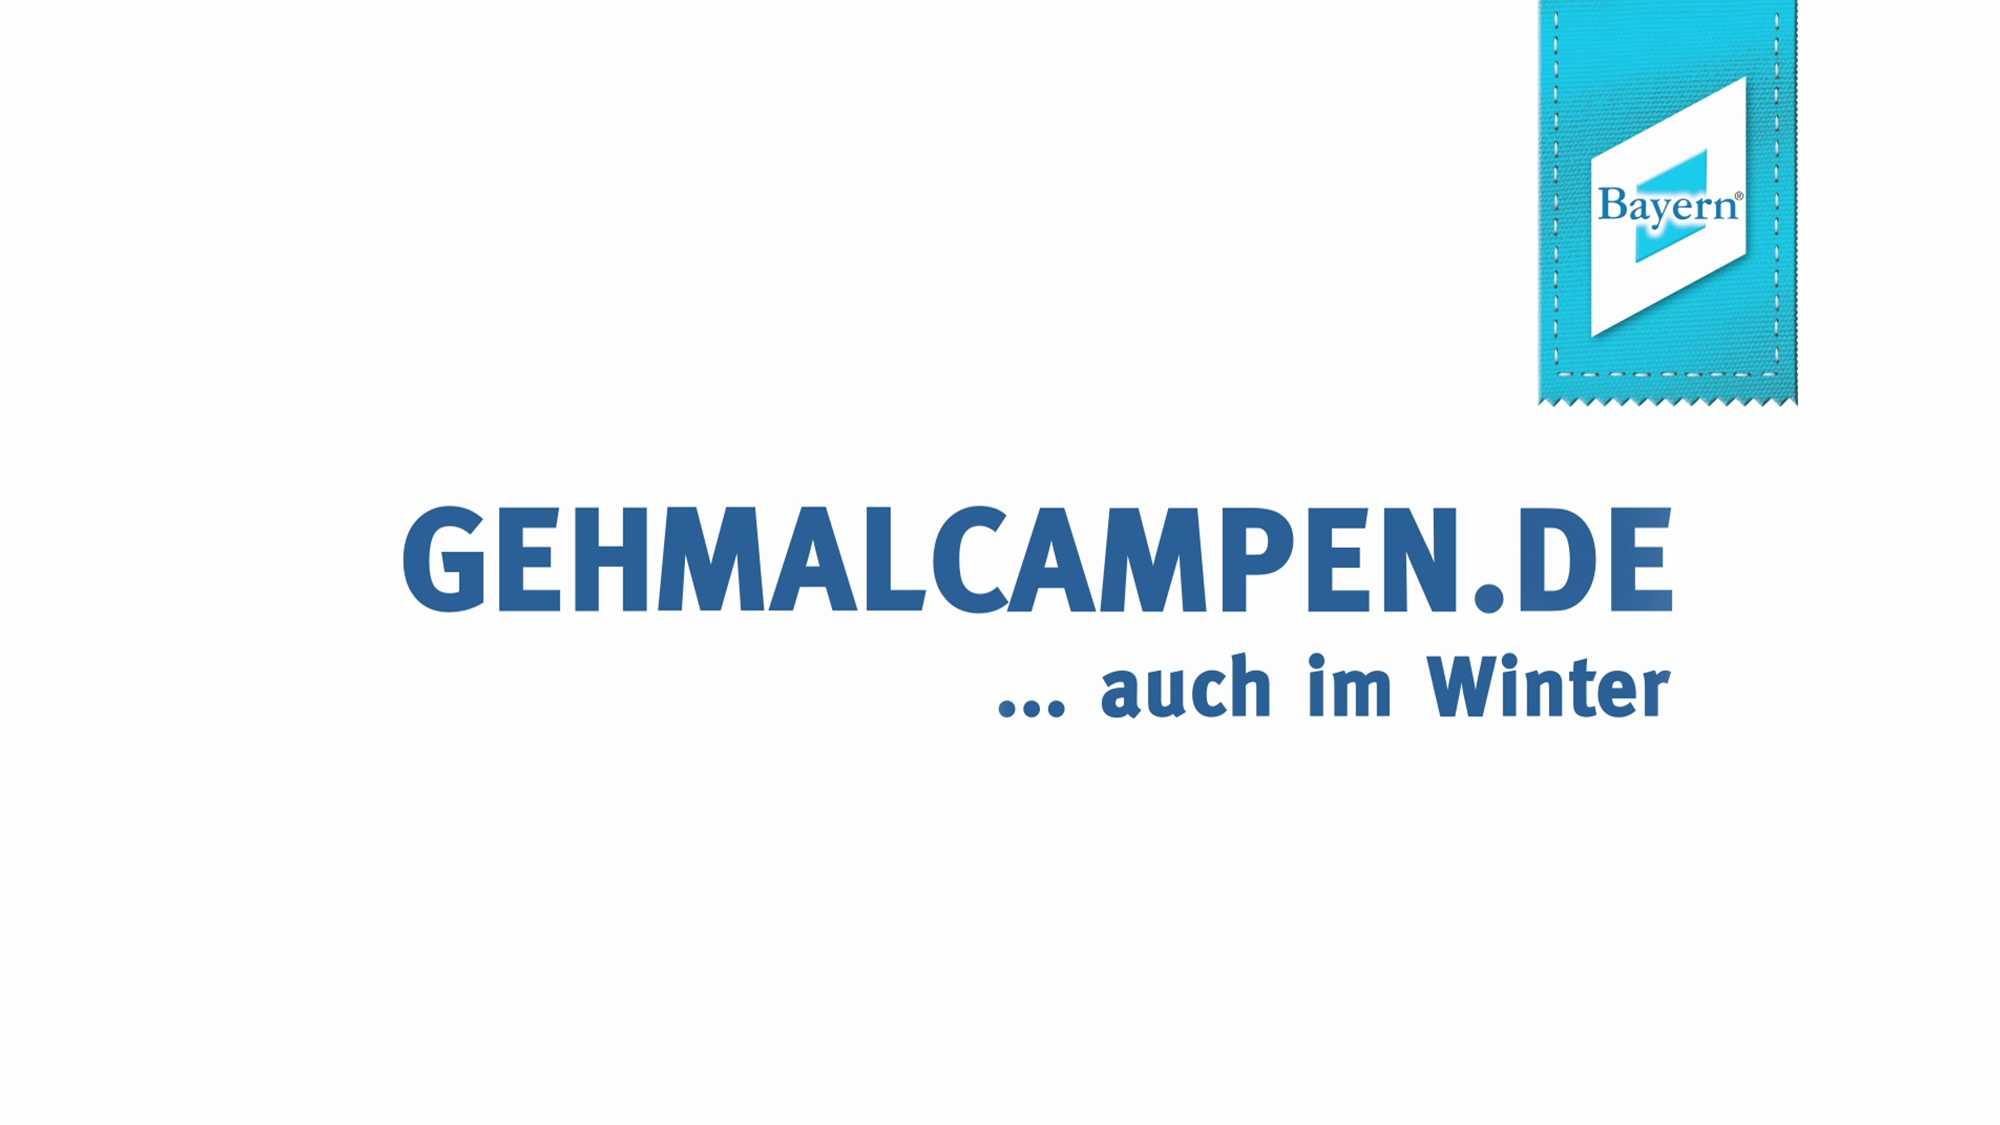 """Das Bild zeigt eine blaue Schrift auf einem weißen Untergrund. Man liest """"Gehmalcampen.de ... Auch im Winter"""". Das Bild dient als Sliderbild für den Portfolioeintrag Bayerntourismus Wintercamping in Bayern von Panda Pictures."""